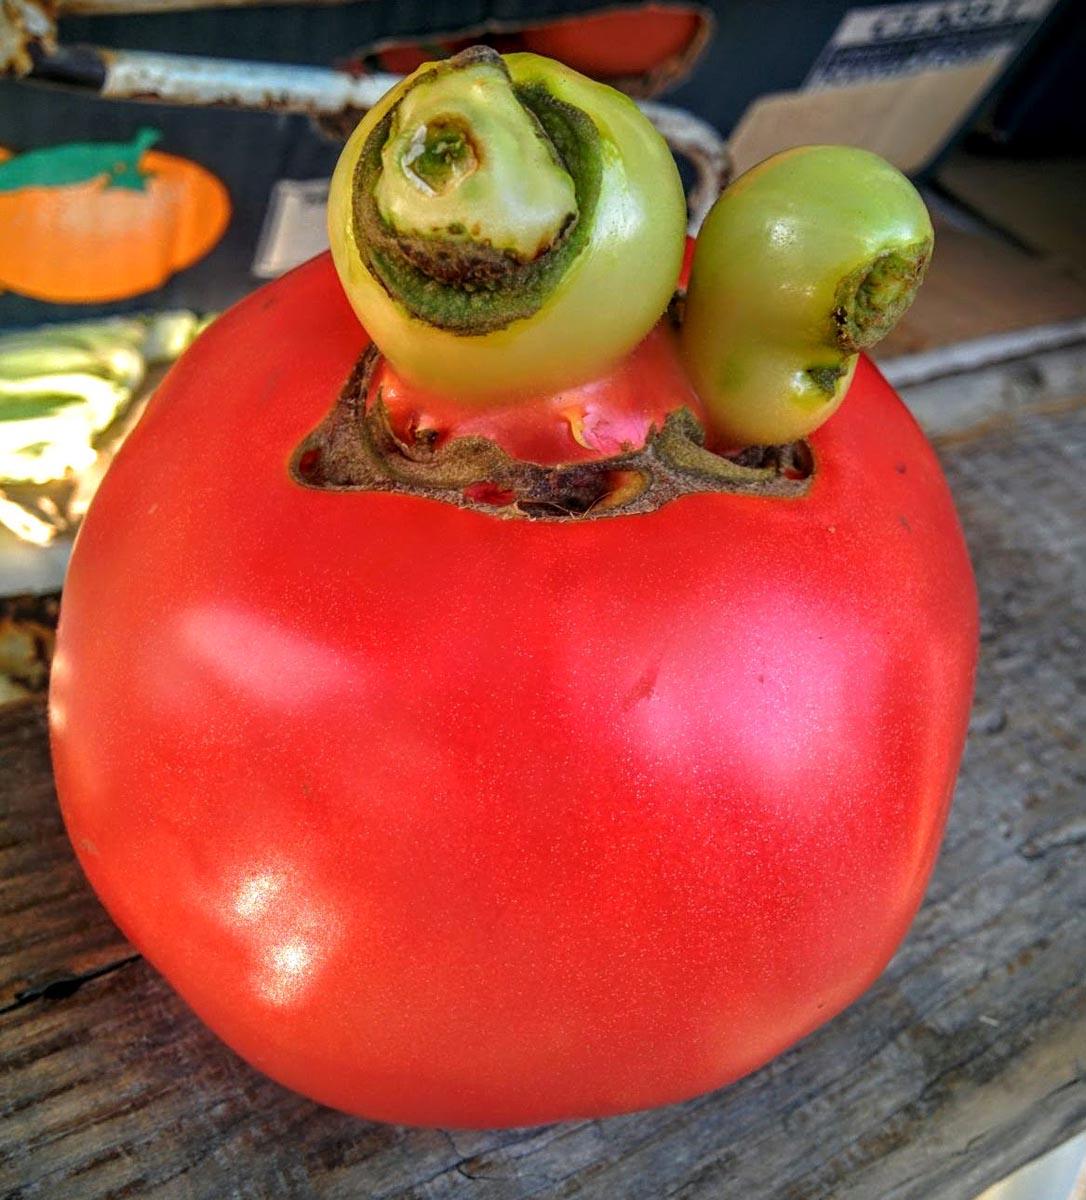 Powerfrucht Tomate - Tomate mit Auswüchsen- BellsWelt